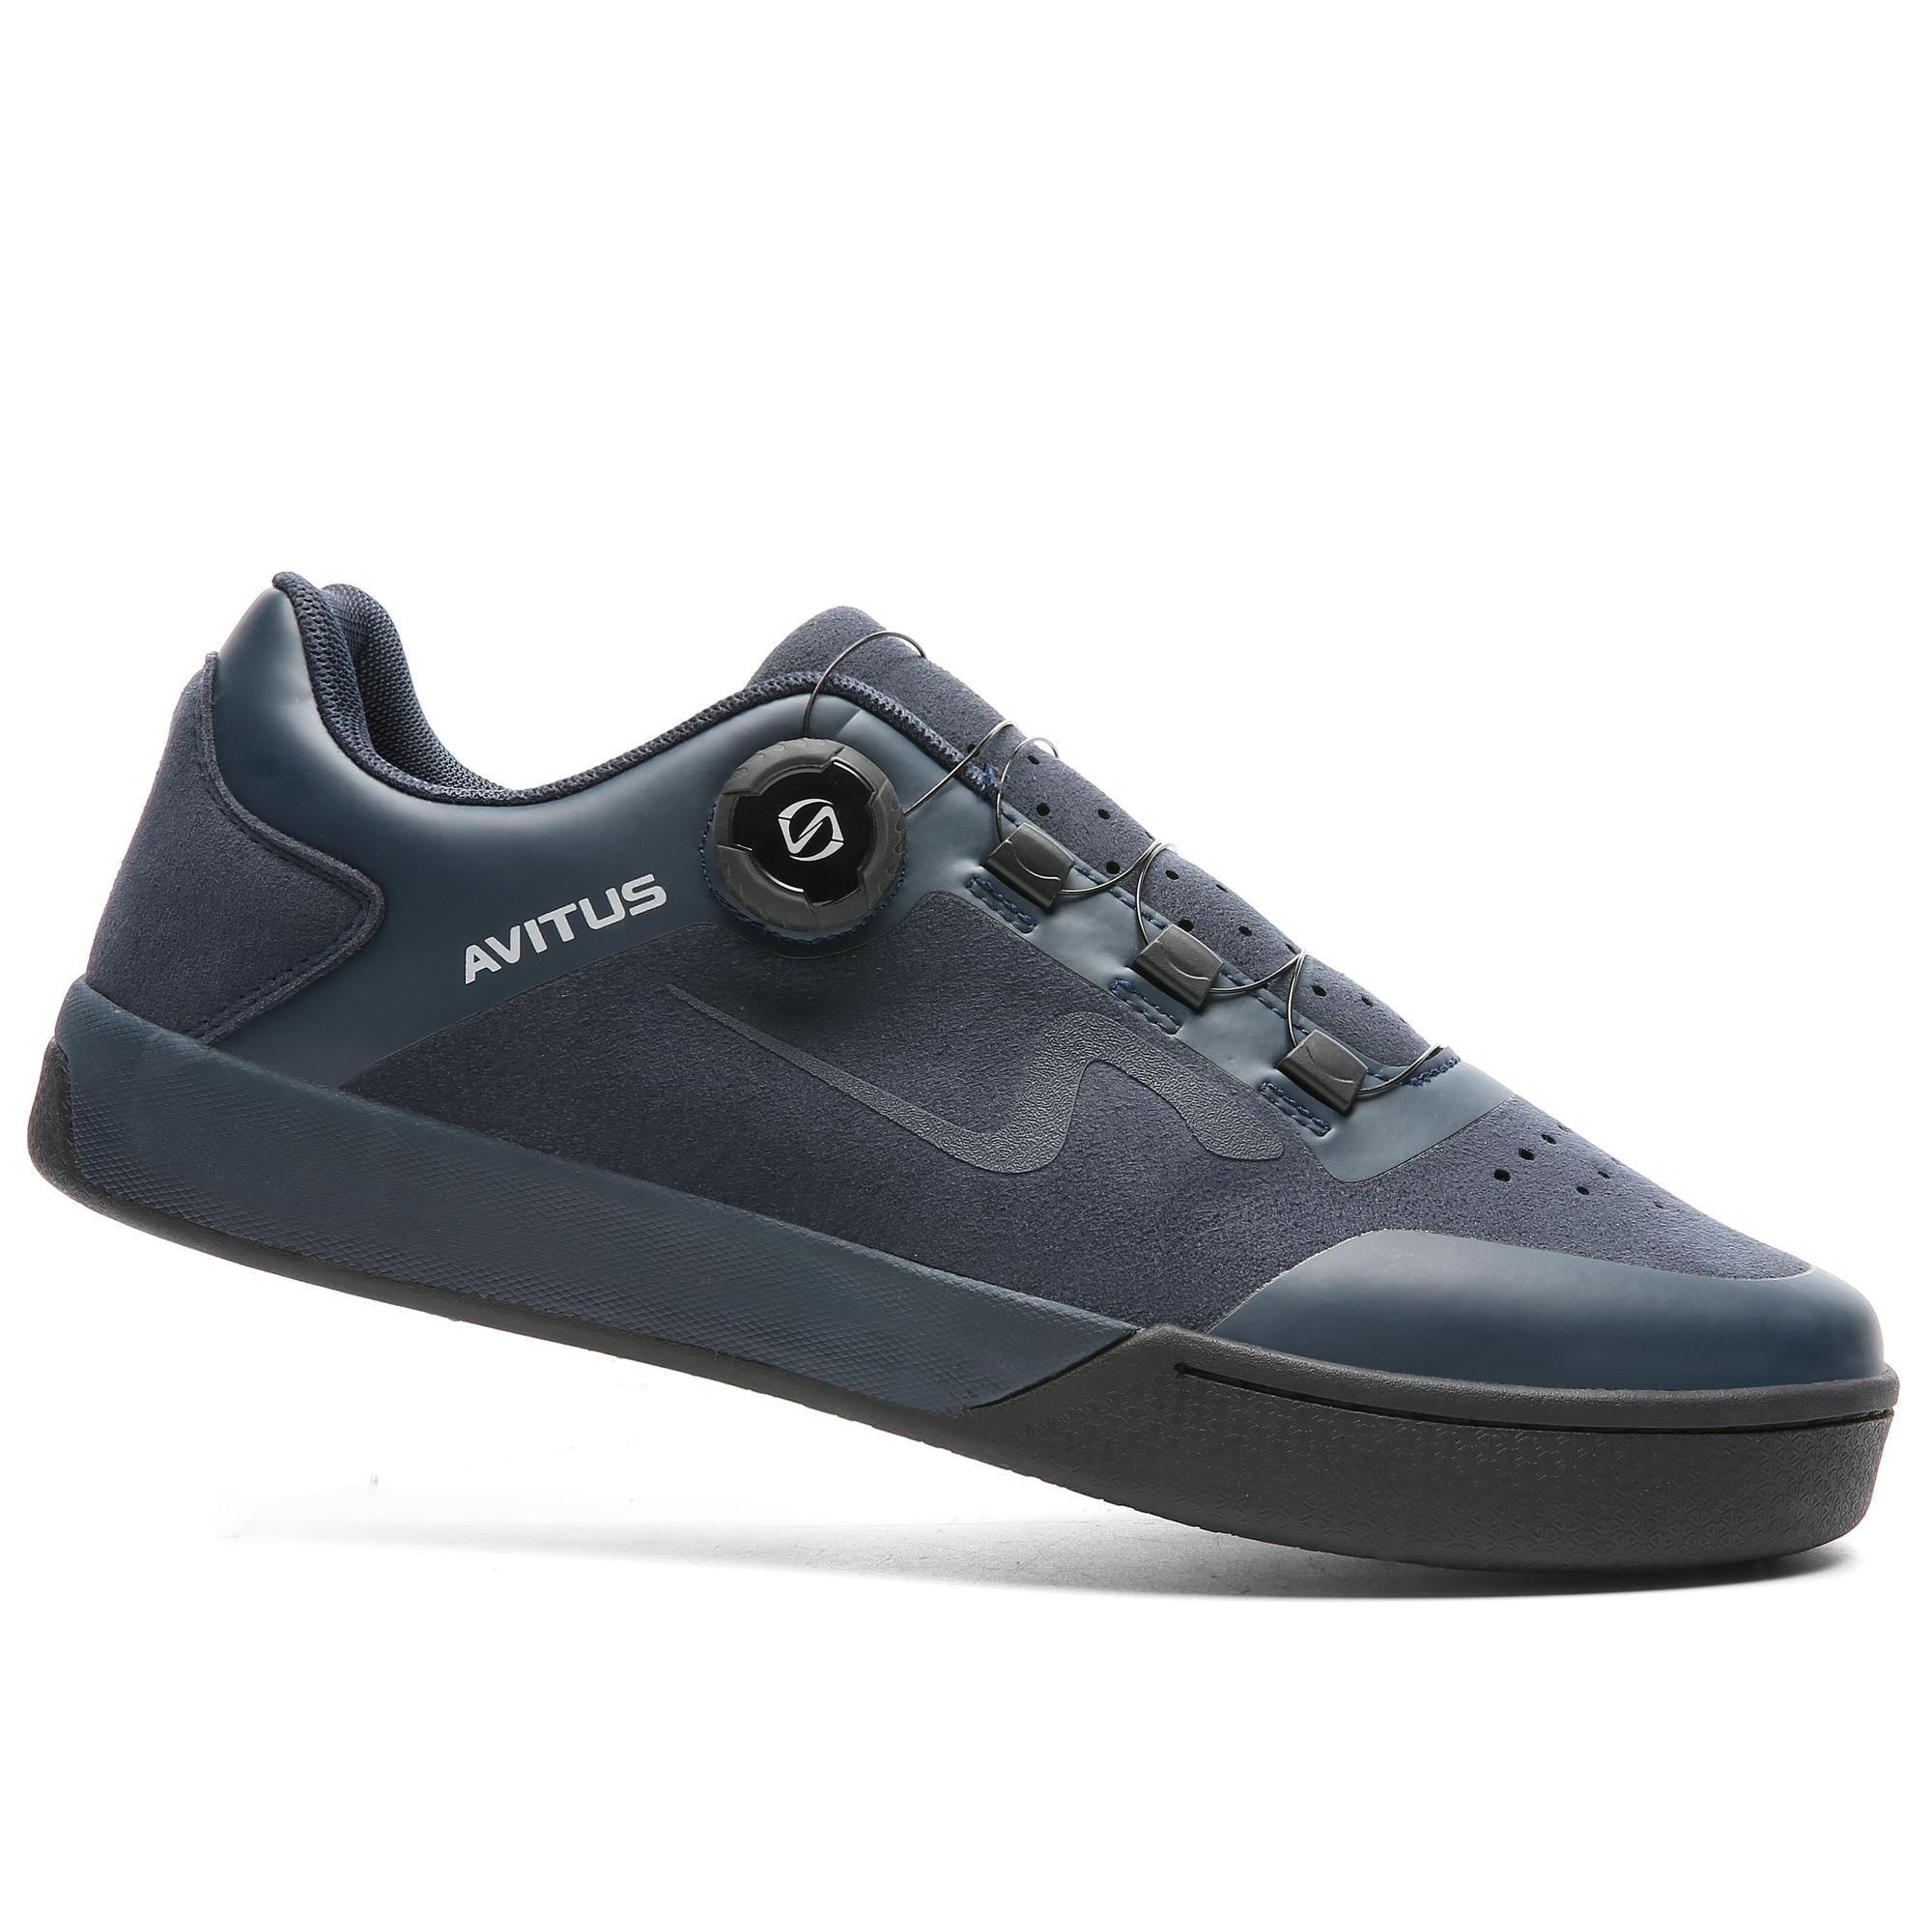 Мужская велосипедная обувь, обувь для горного велосипеда, горного велосипеда, эндуро, обувь для горного велосипеда, совместимая со всеми 2 б...